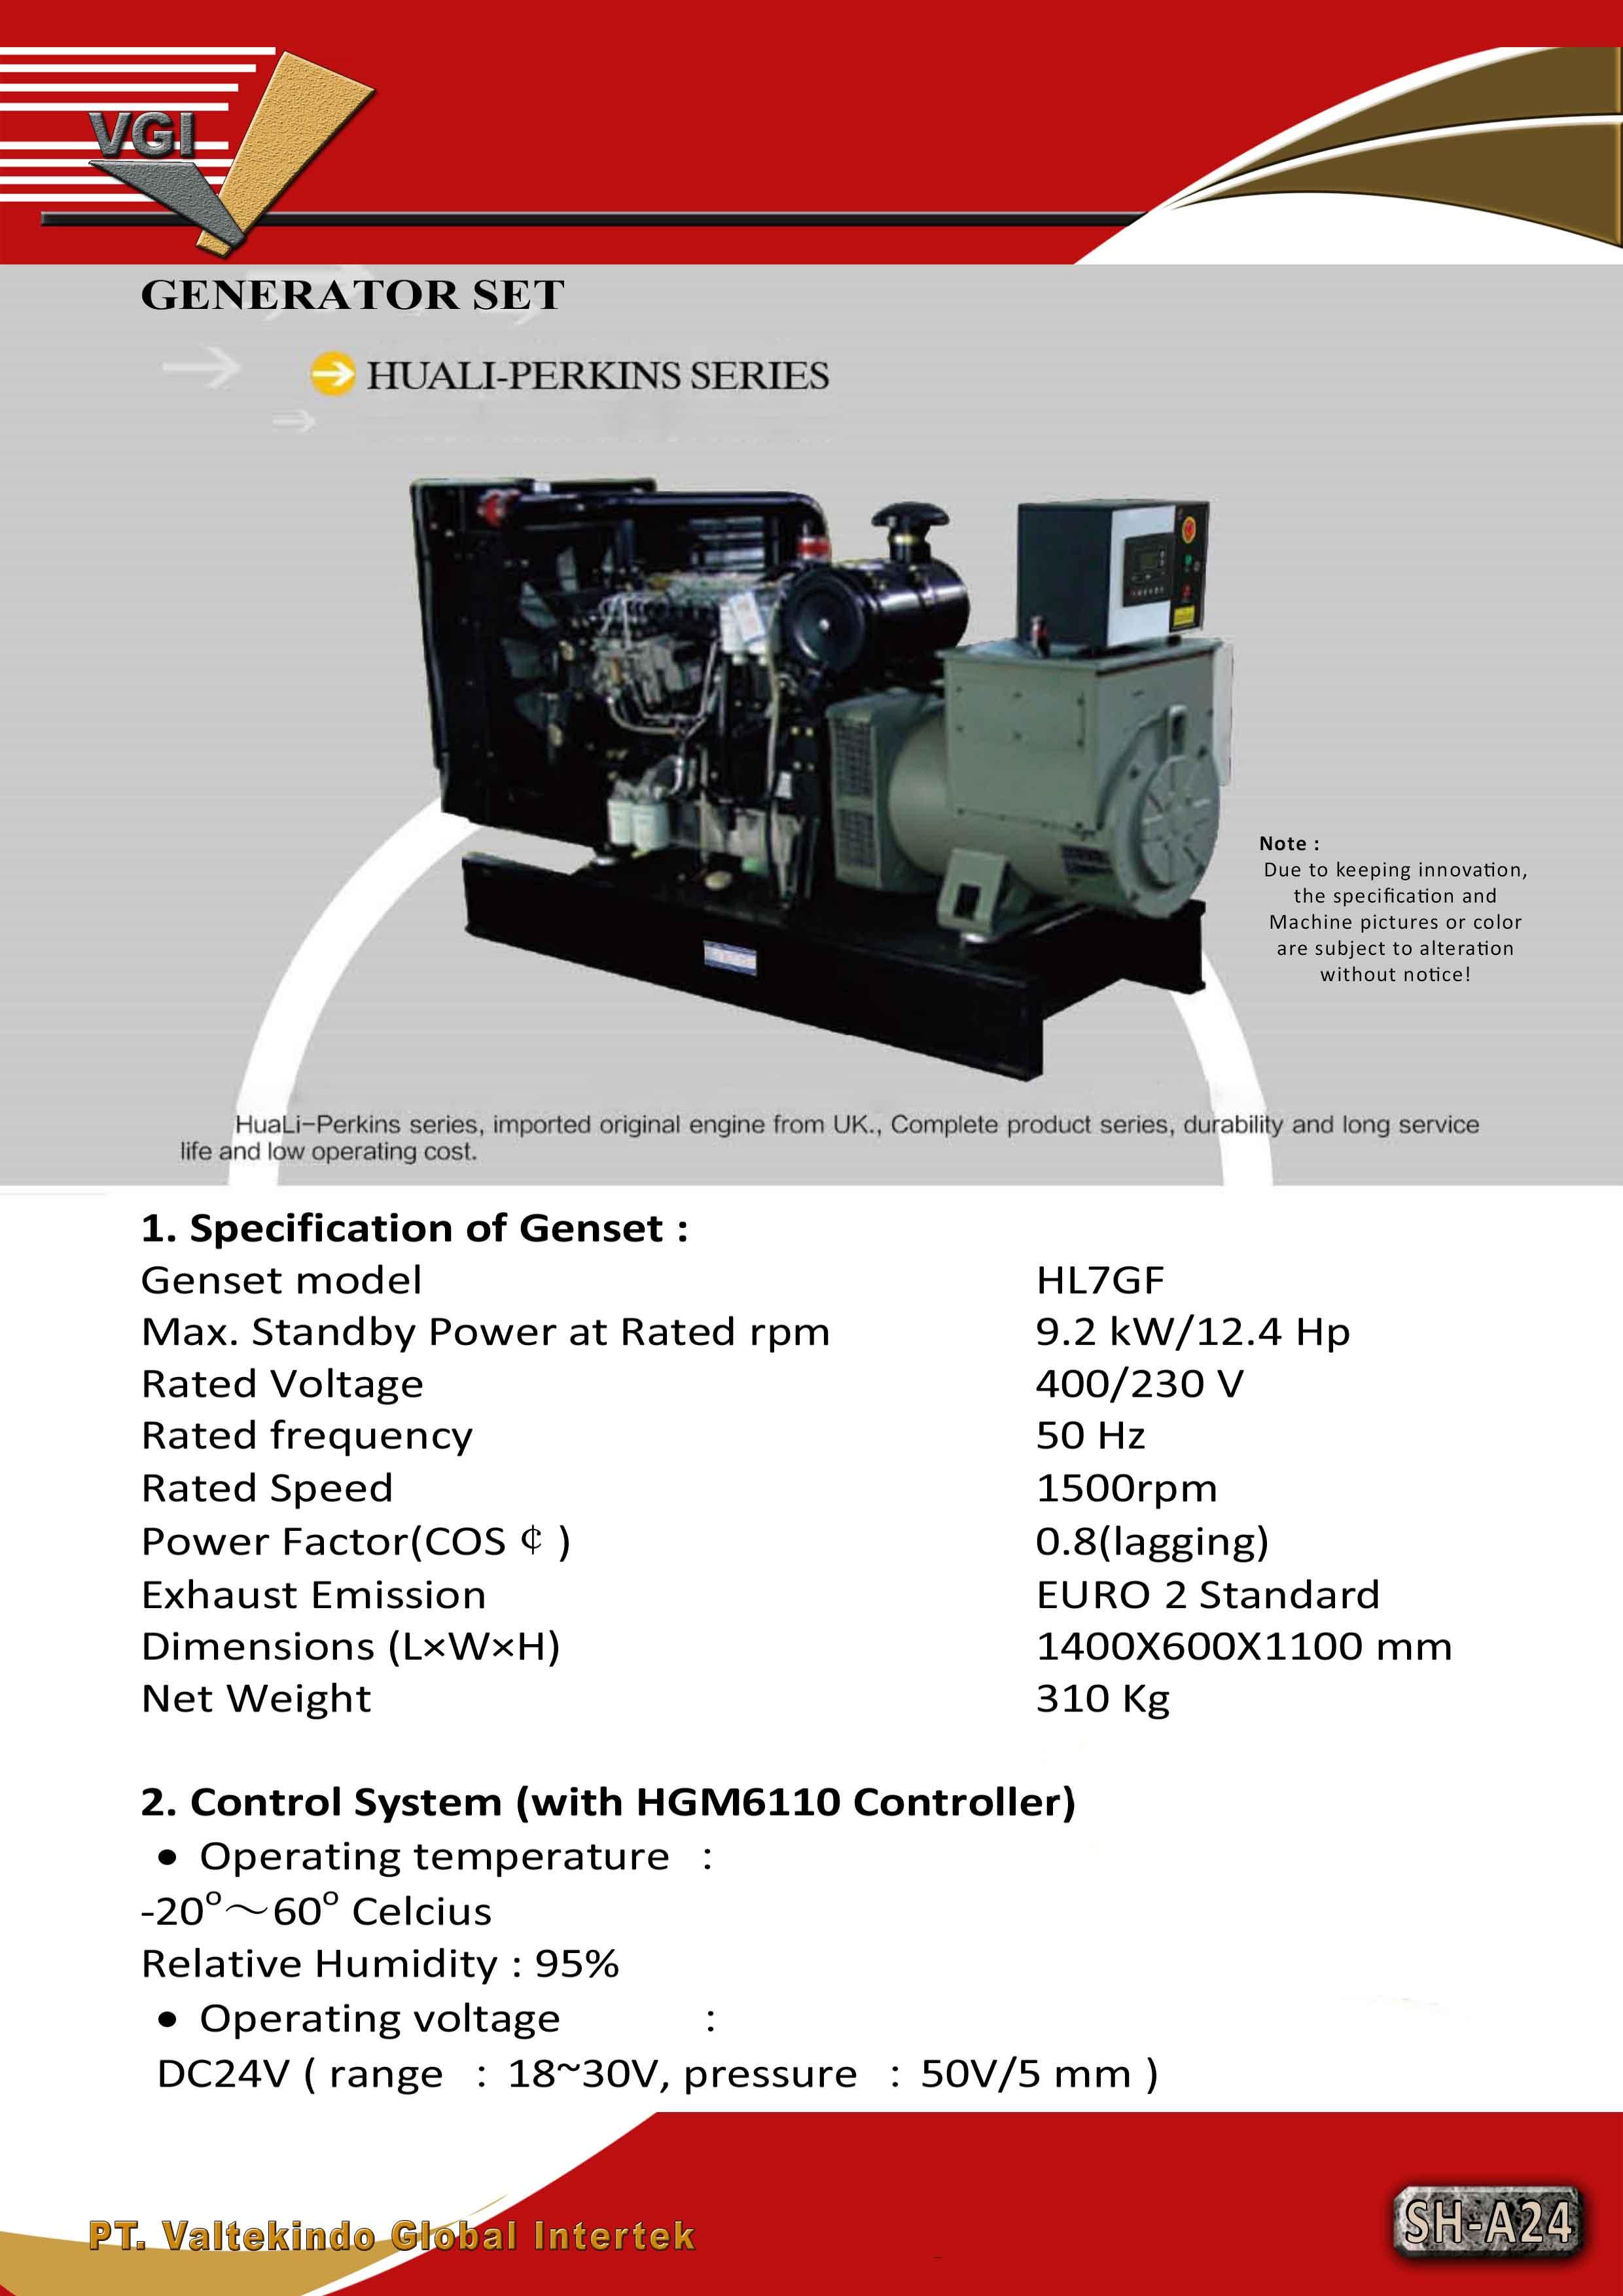 jual mesin Generator Set (Huali Perkins Series) Generator Set (Huali Perkins Series)